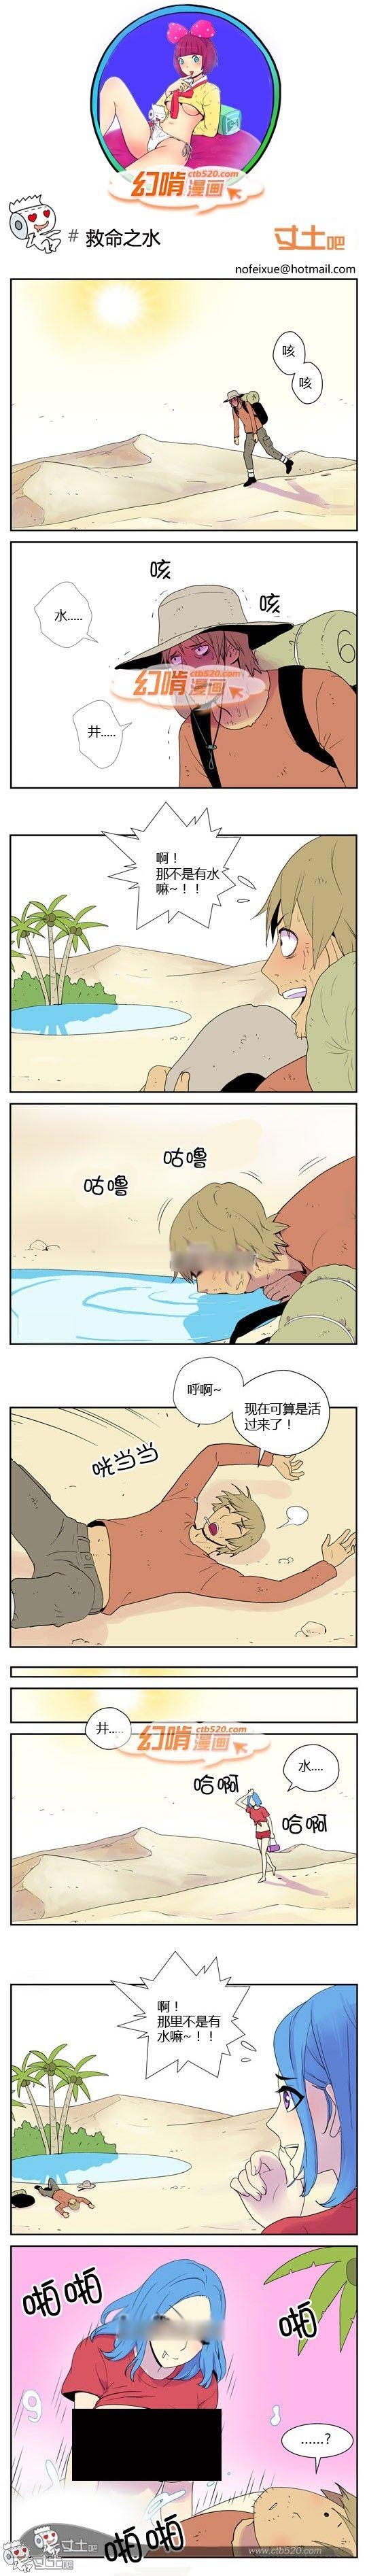 幻啃漫画救命之水